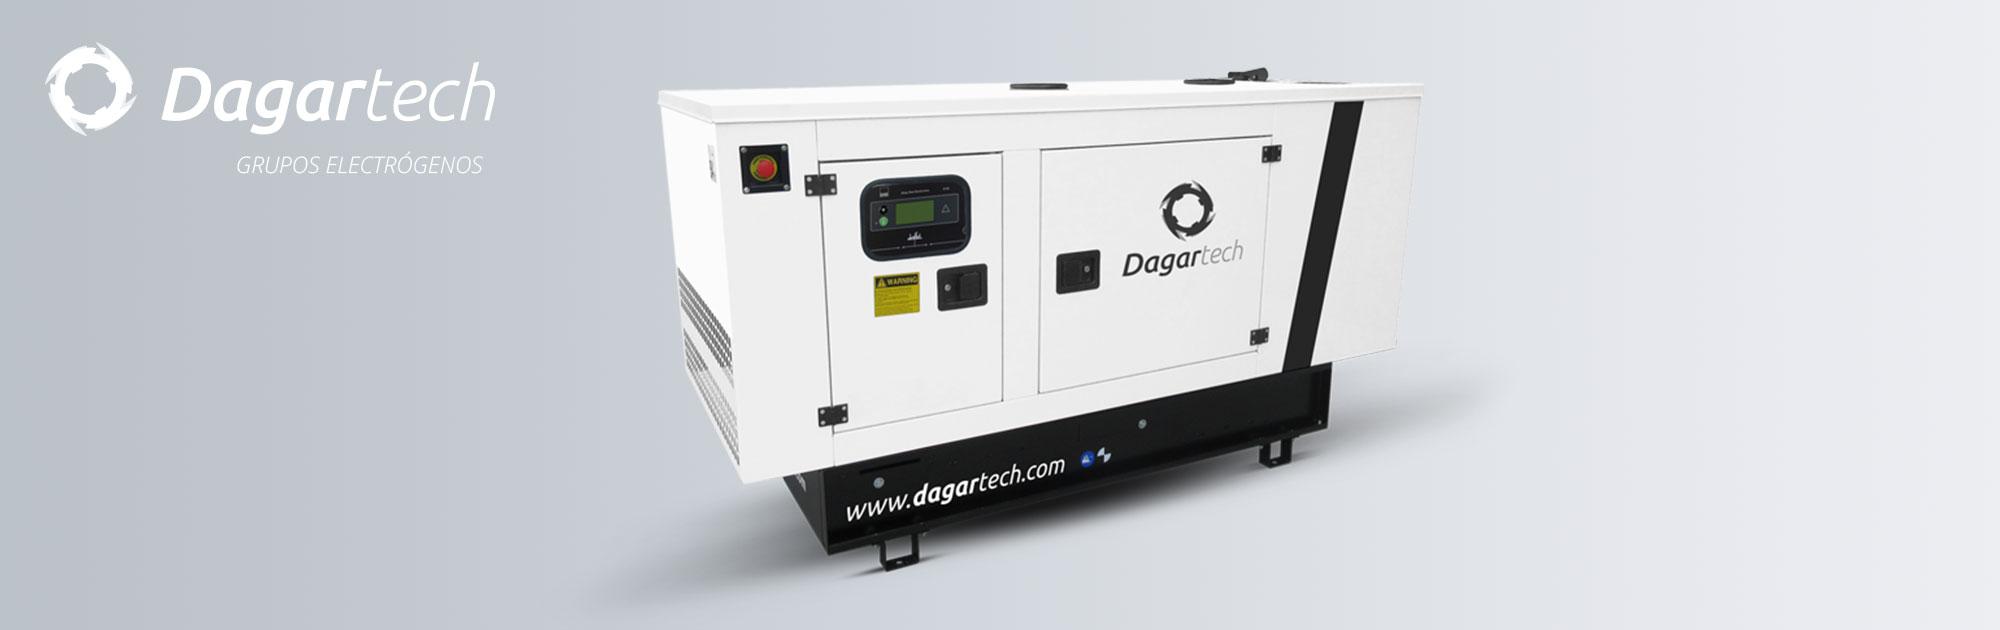 Grupo electrógeno abierto Dagartech de la Gama Balance Emergencia